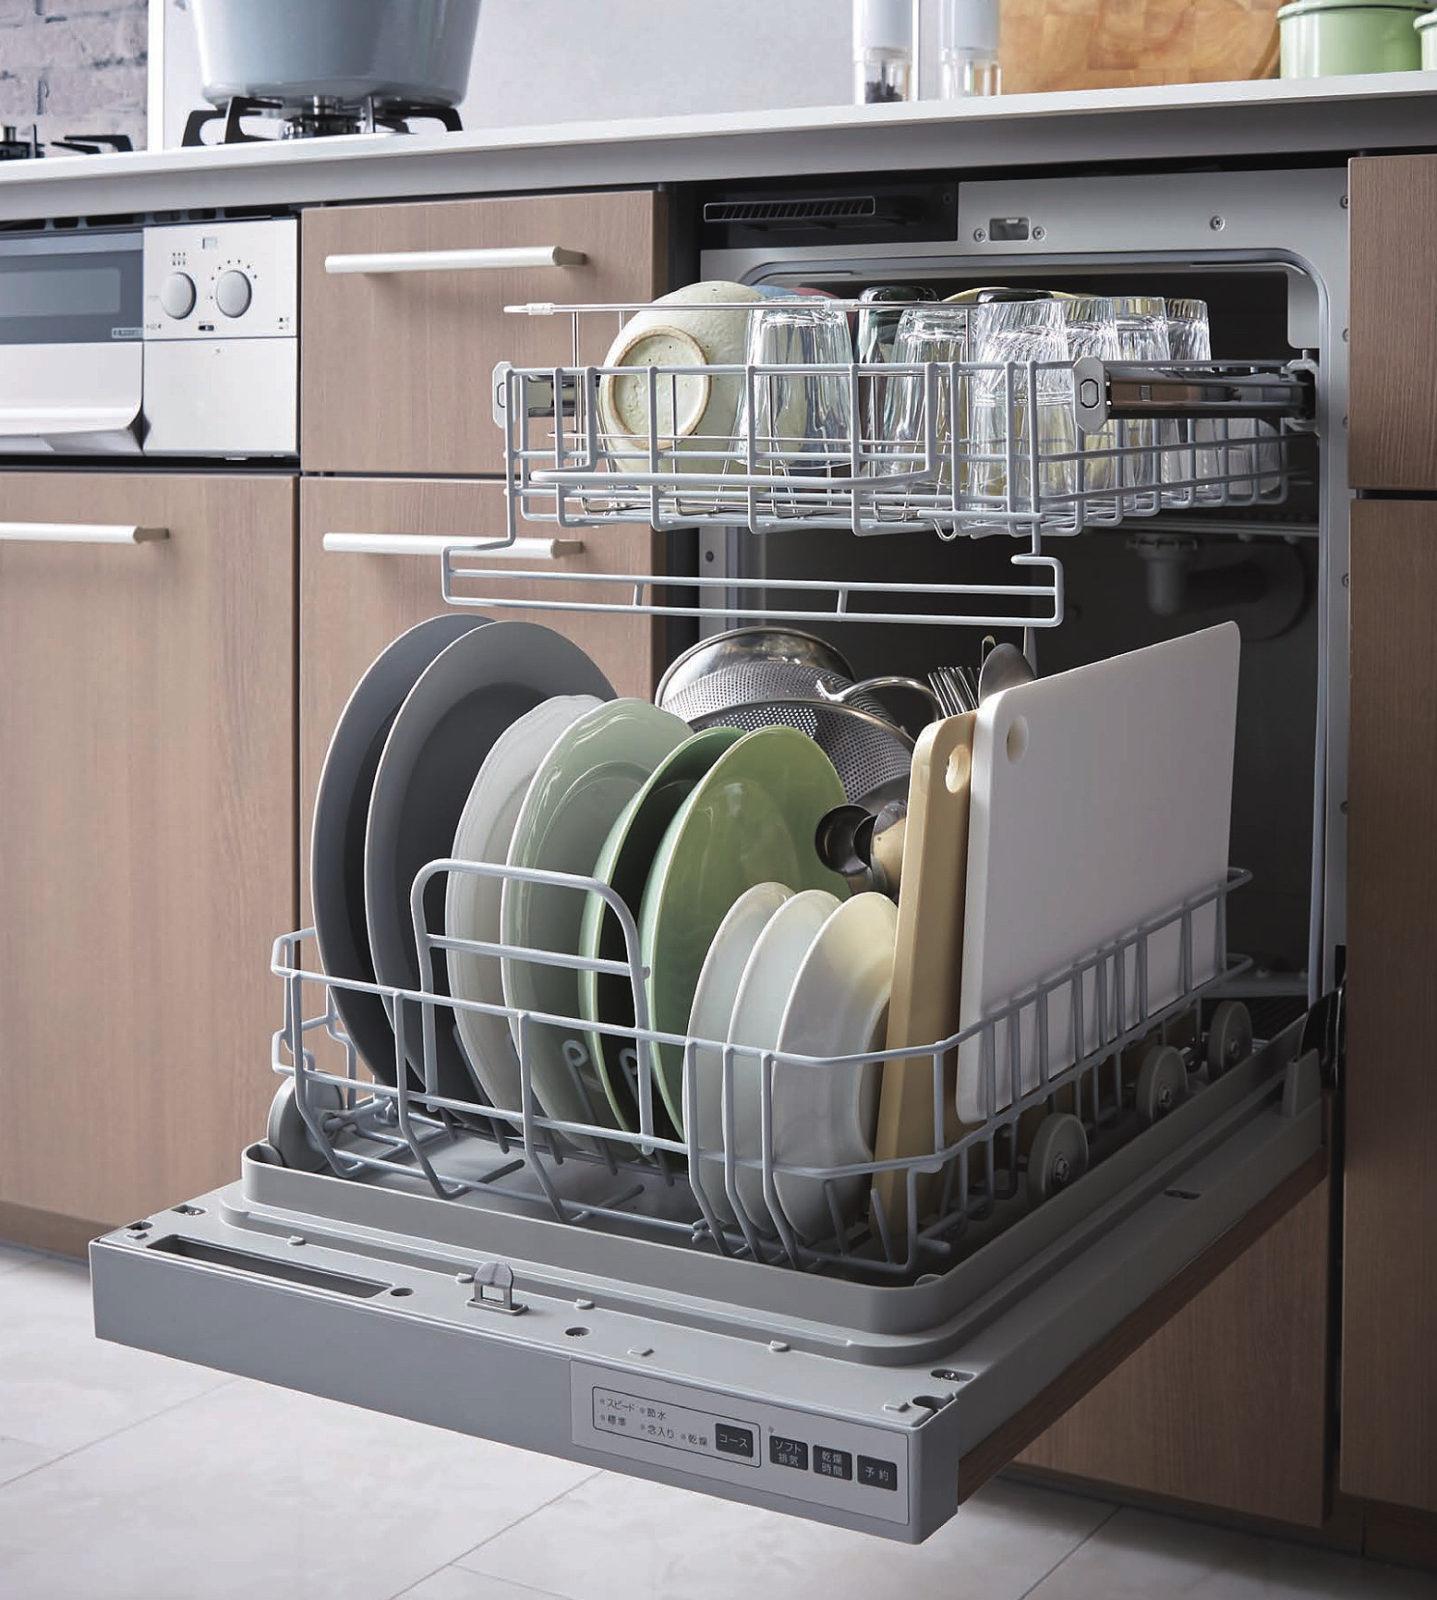 「「通いかご」で出し入れがとっても手早く、カンタン。大きな調理器具もおまかせ」